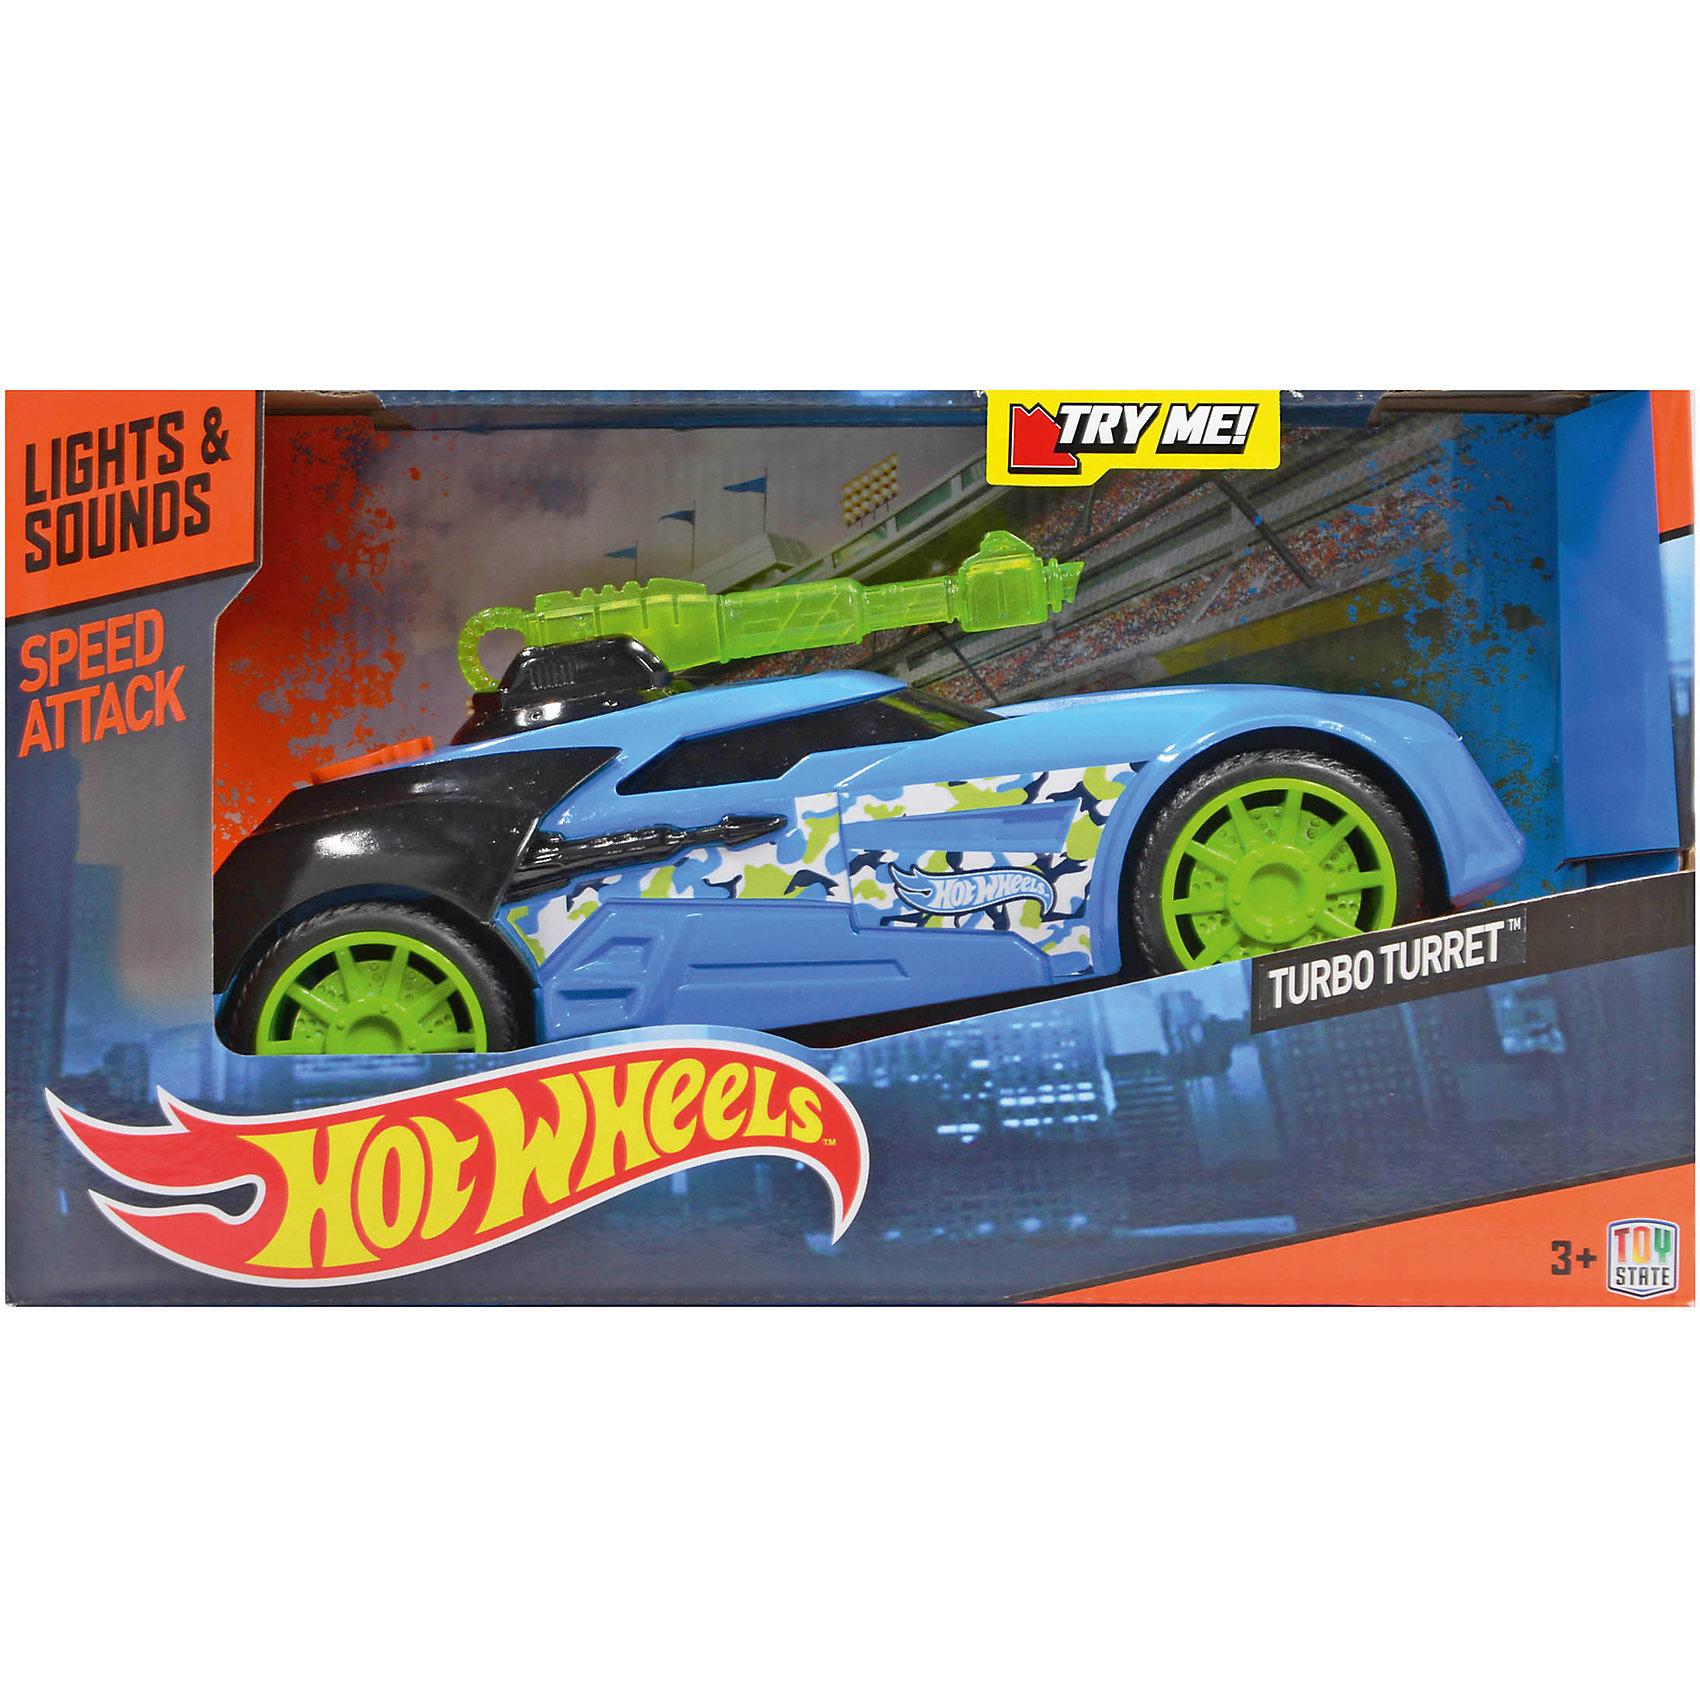 - Машинка на батарейках, голубая, 27 см, Hot Wheels врумиз машинка со звуковыми и световыми эффектами спиди врумиз